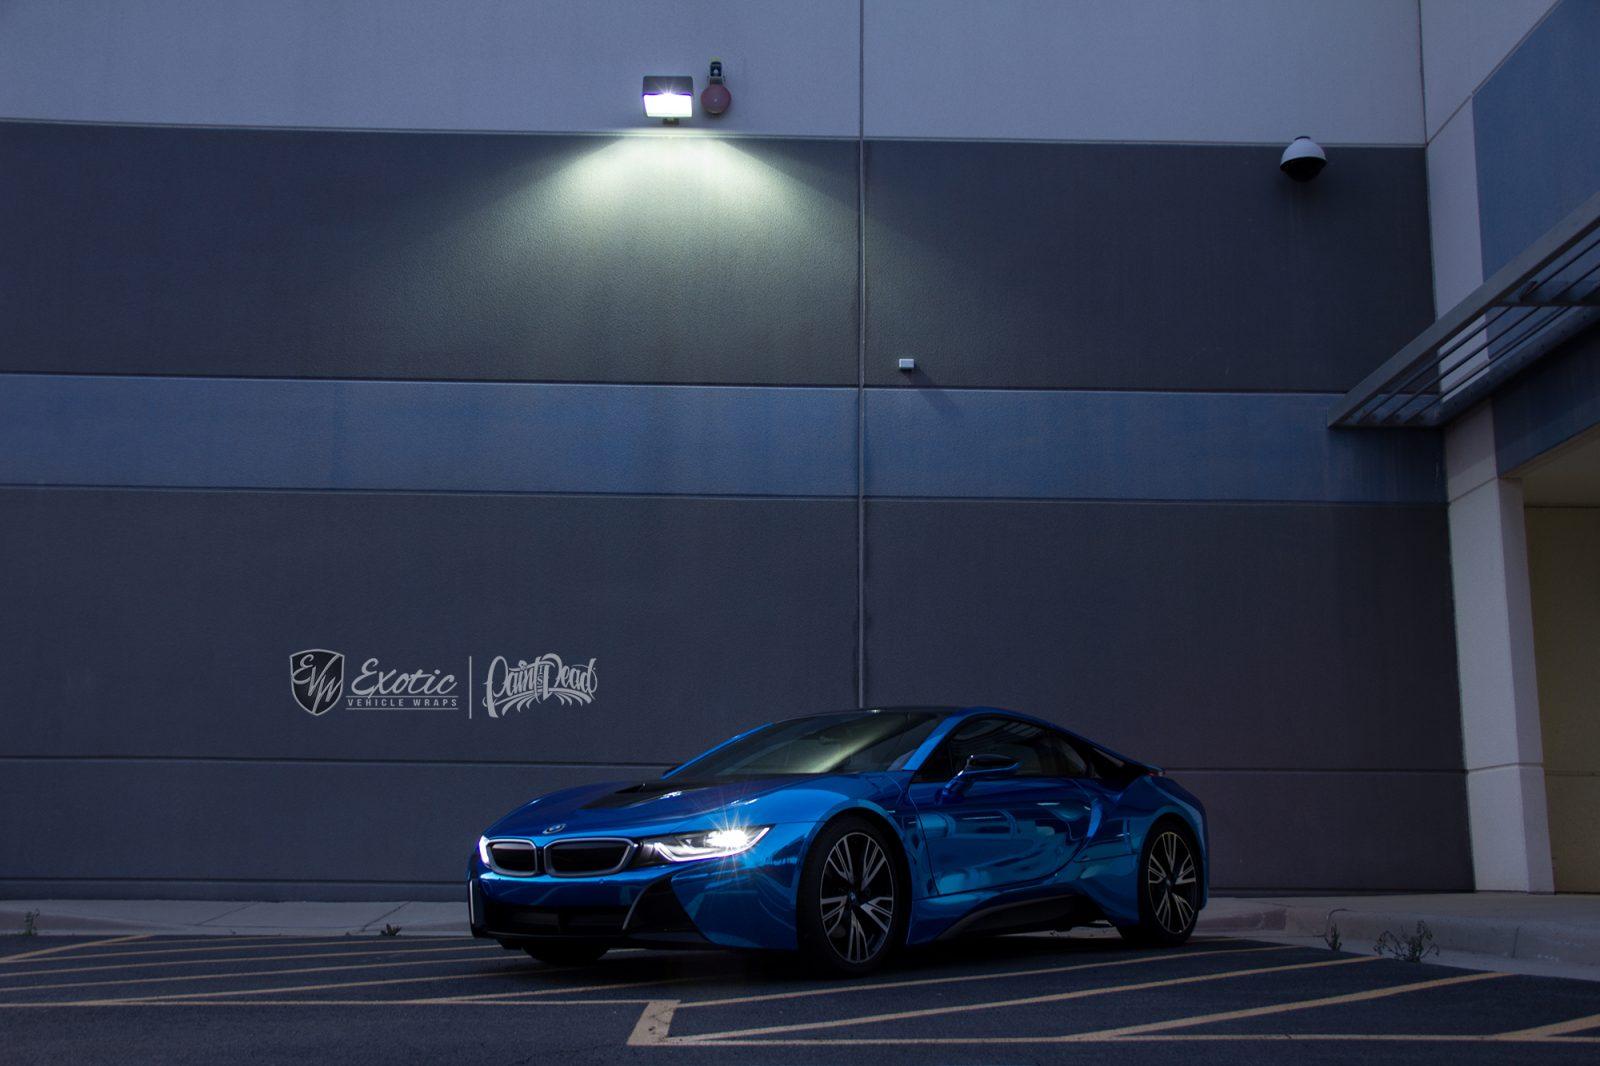 BMW I8 Hexis Blue Superchrome